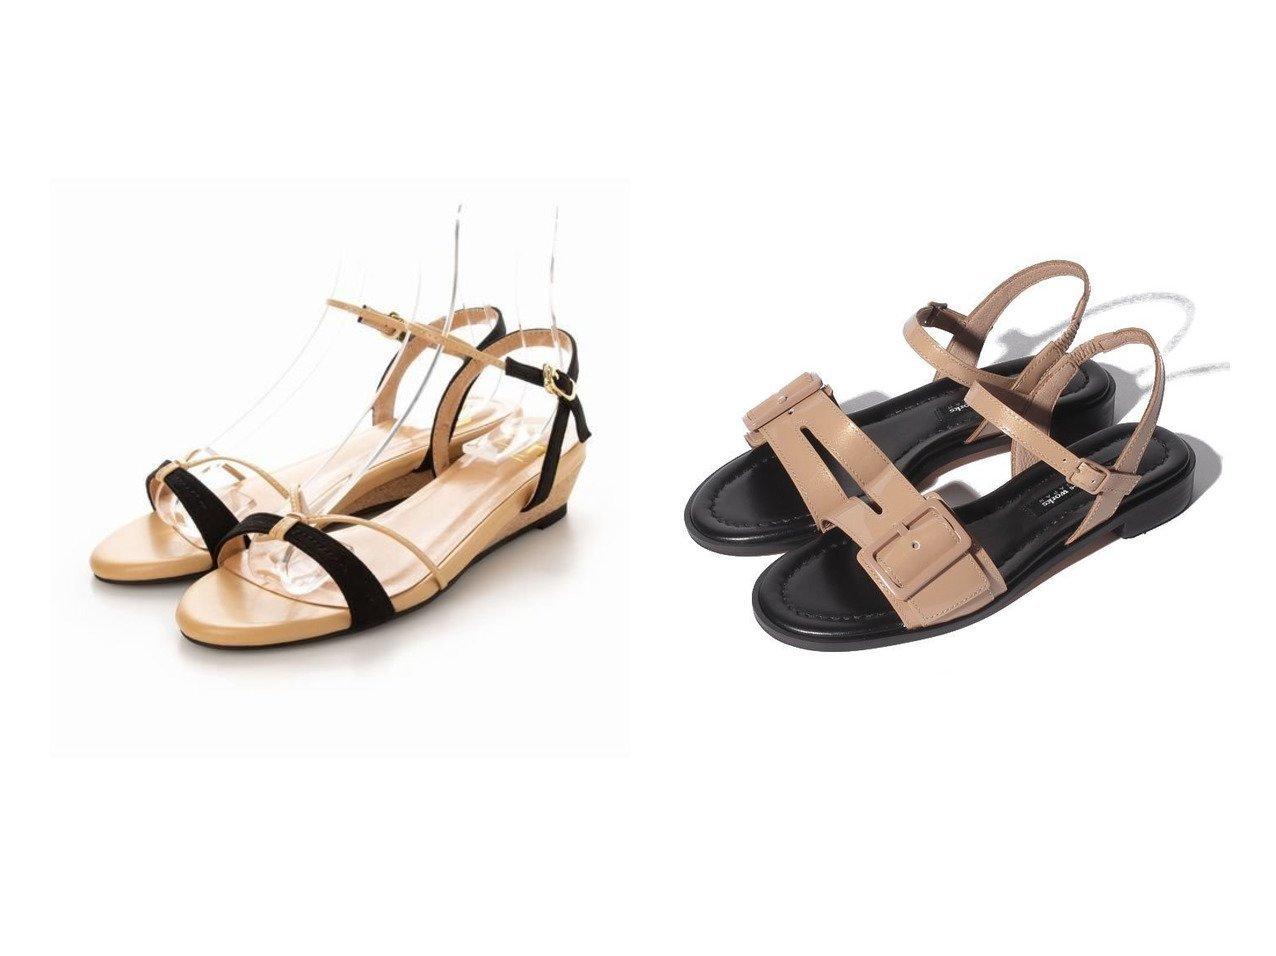 【RABOKIGOSHI works/ラボキゴシ ワークス】の【RABOKIGOSHI works】フラットサンダル 12342&【Fin/フィン】のウエッジソールストラップサンダル【低反発スポンジ入り】 【シューズ・靴】おすすめ!人気、トレンド・レディースファッションの通販 おすすめで人気の流行・トレンド、ファッションの通販商品 インテリア・家具・メンズファッション・キッズファッション・レディースファッション・服の通販 founy(ファニー) https://founy.com/ ファッション Fashion レディースファッション WOMEN エナメル サンダル シューズ フラット モダン 夏 Summer クッション コンビ デニム トレンド フェイクスエード フェイクレザー フレア ラップ ワイド NEW・新作・新着・新入荷 New Arrivals |ID:crp329100000053137